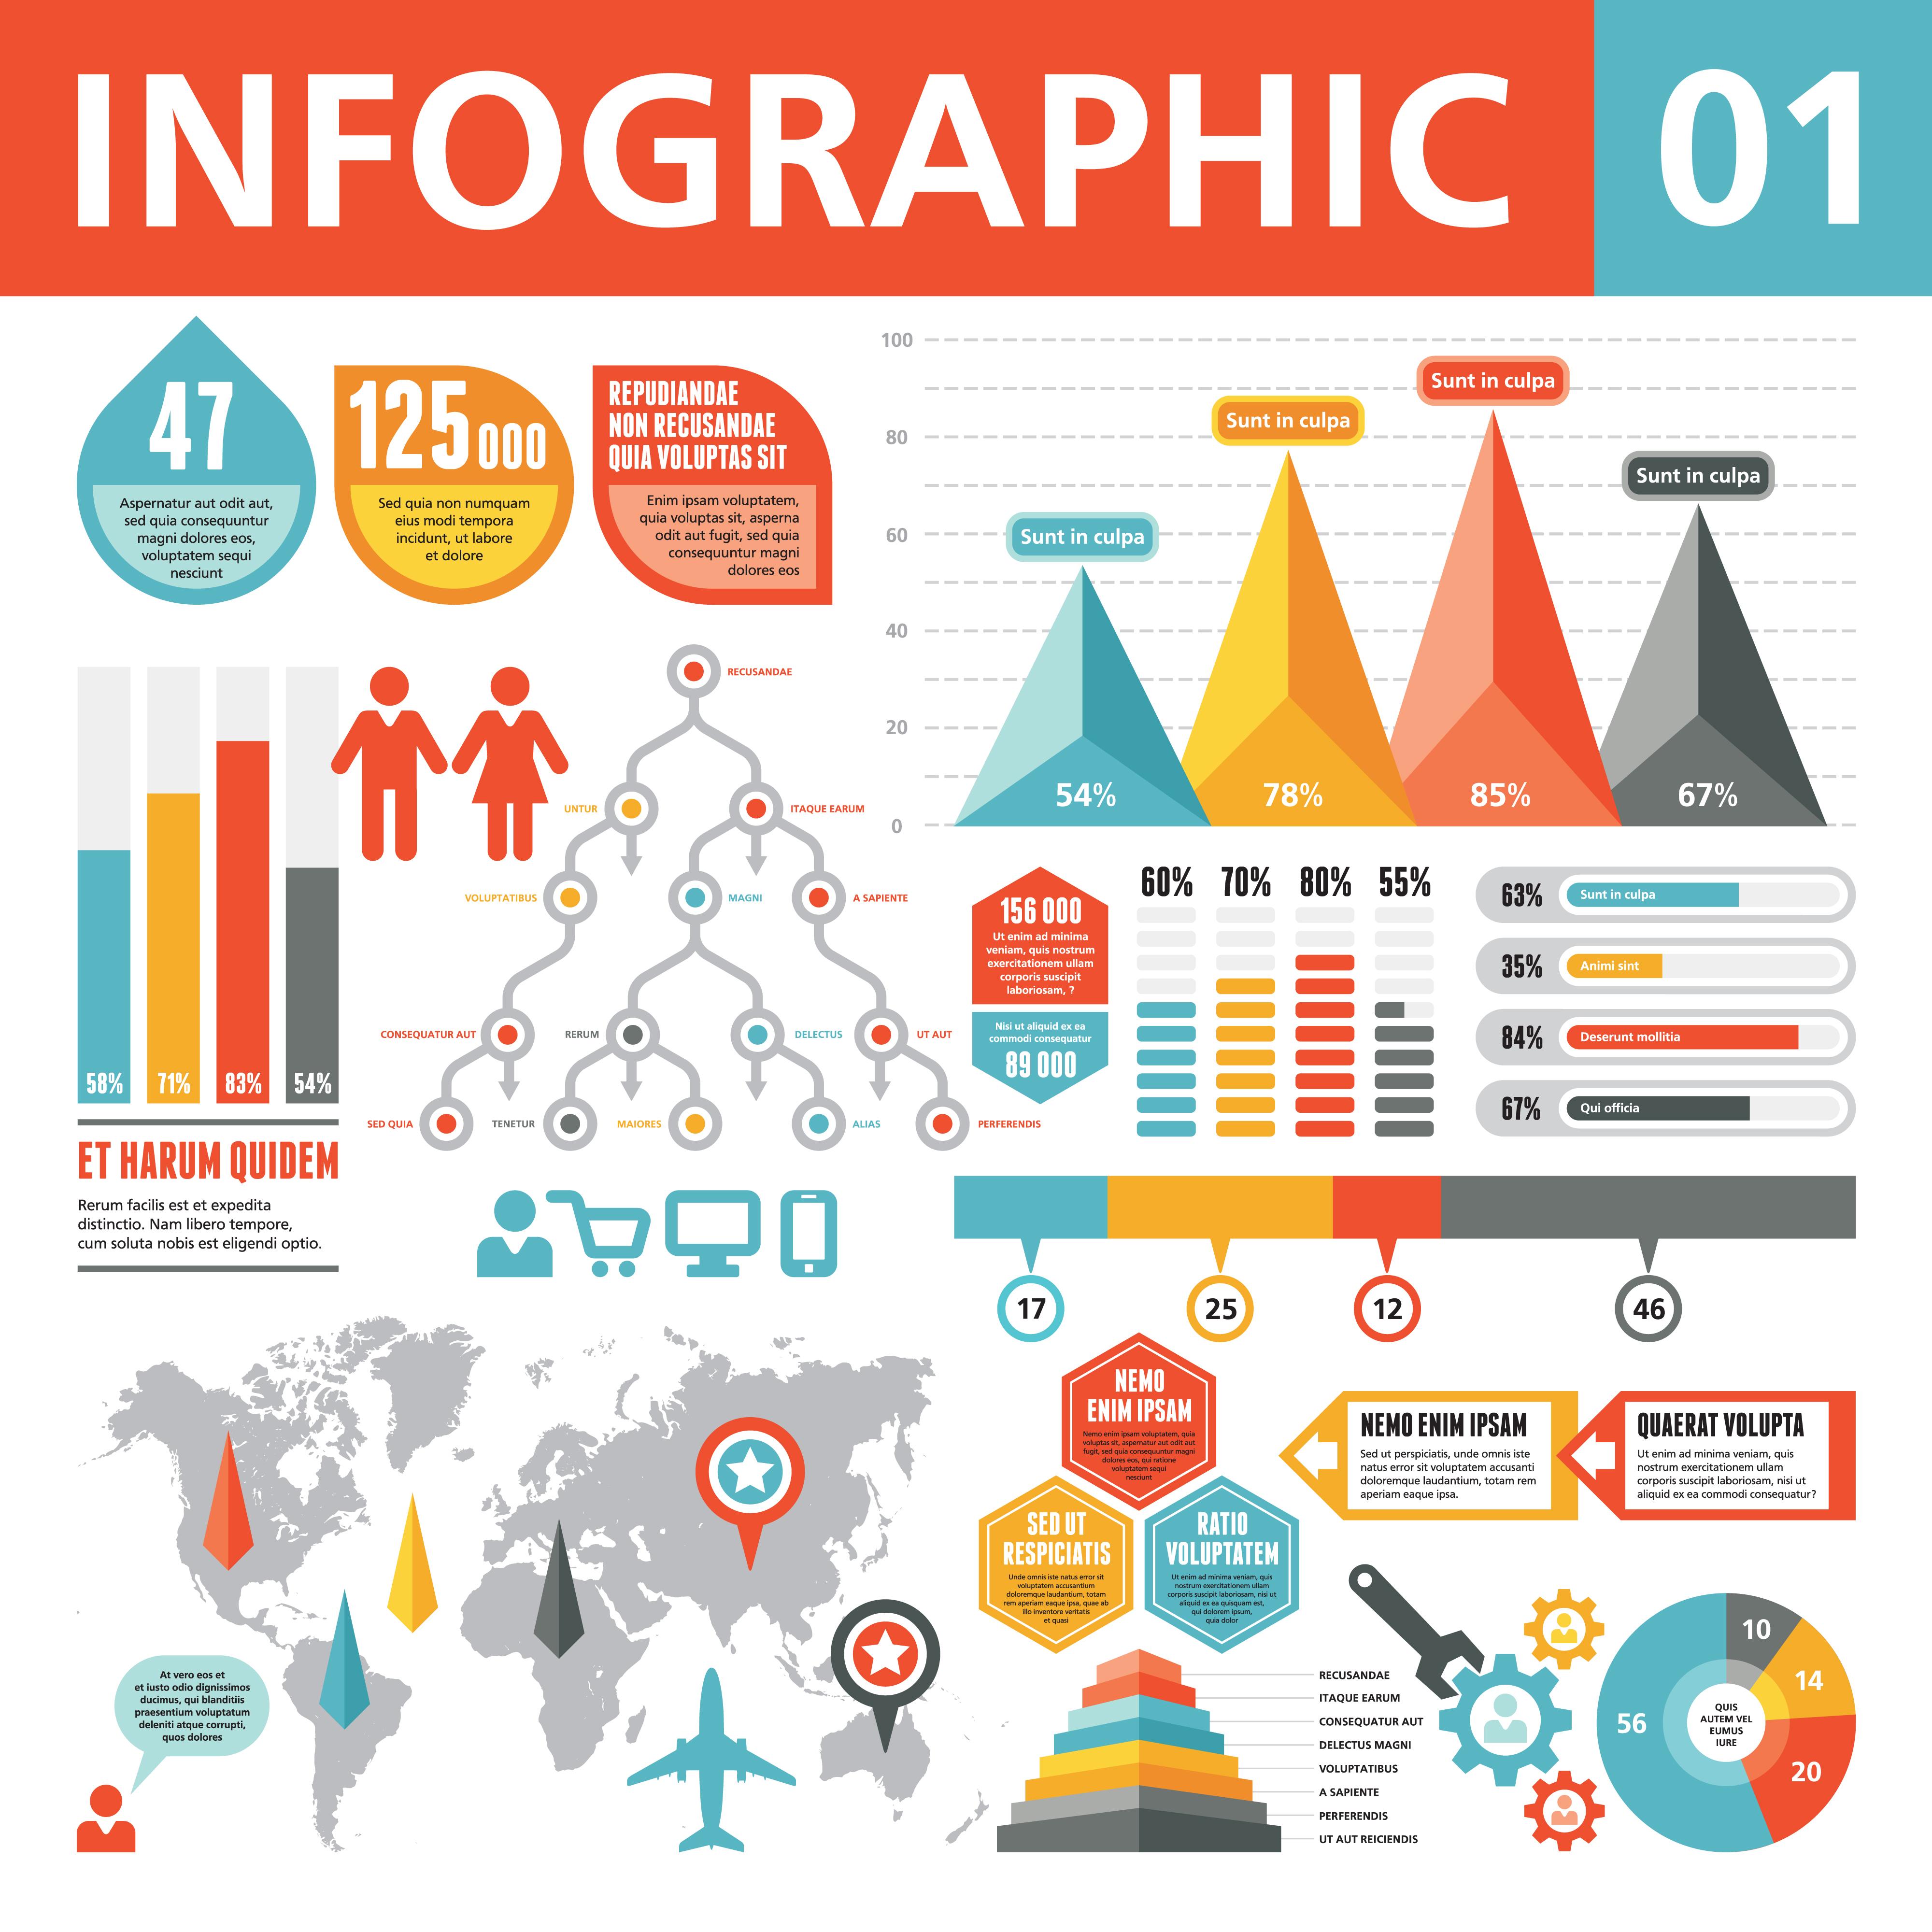 Laat je leerlingen een infographic maken - Vernieuwenderwijs